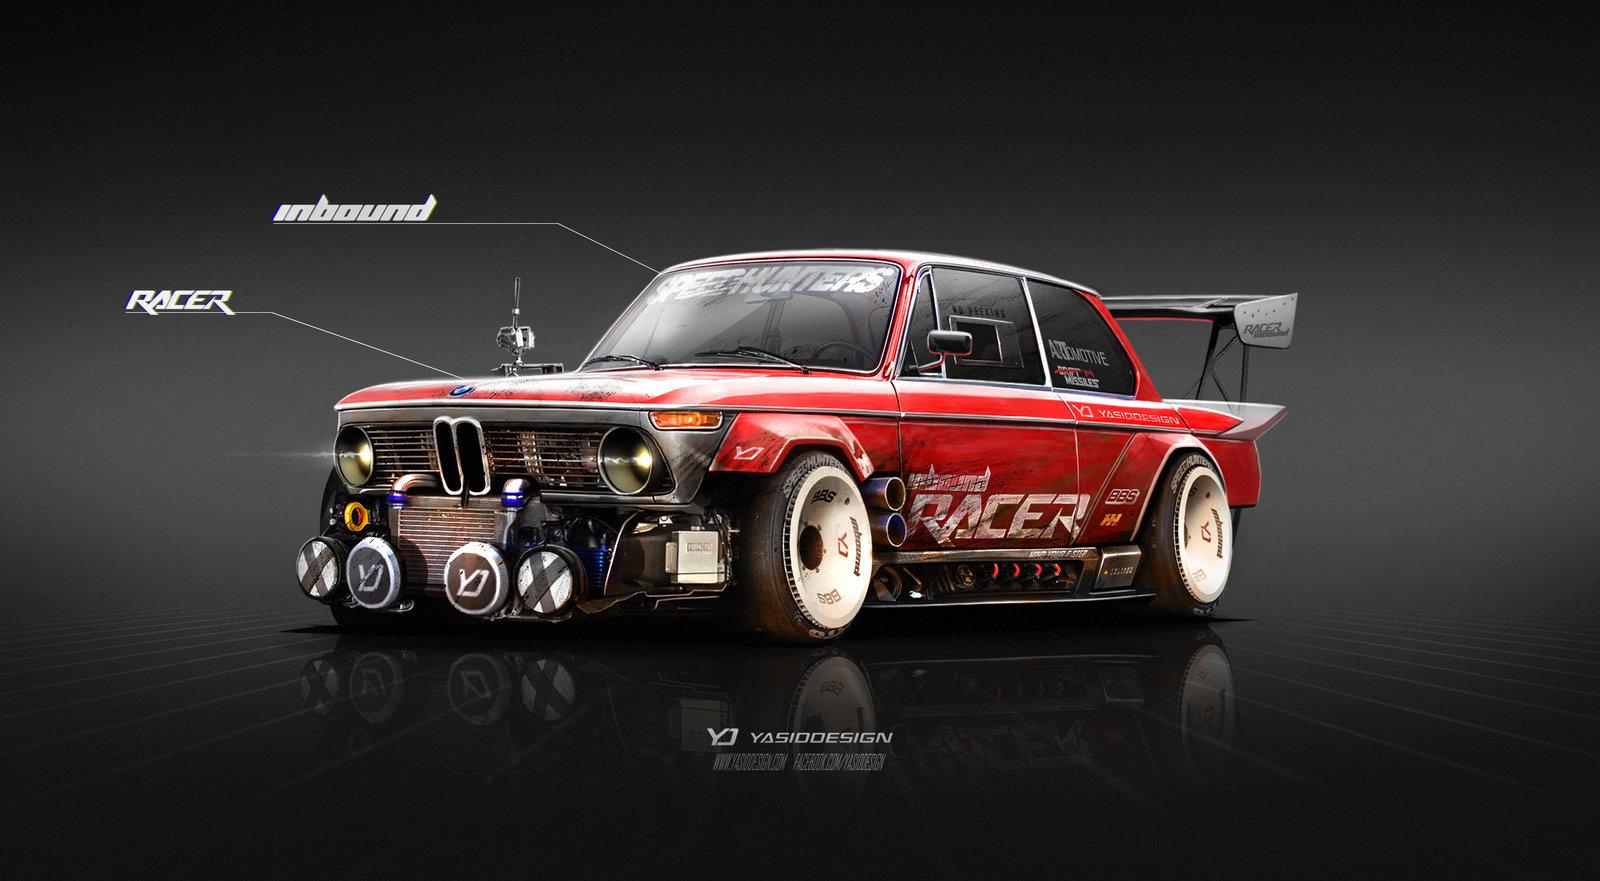 1974 BMW 2002 Inbound Racer